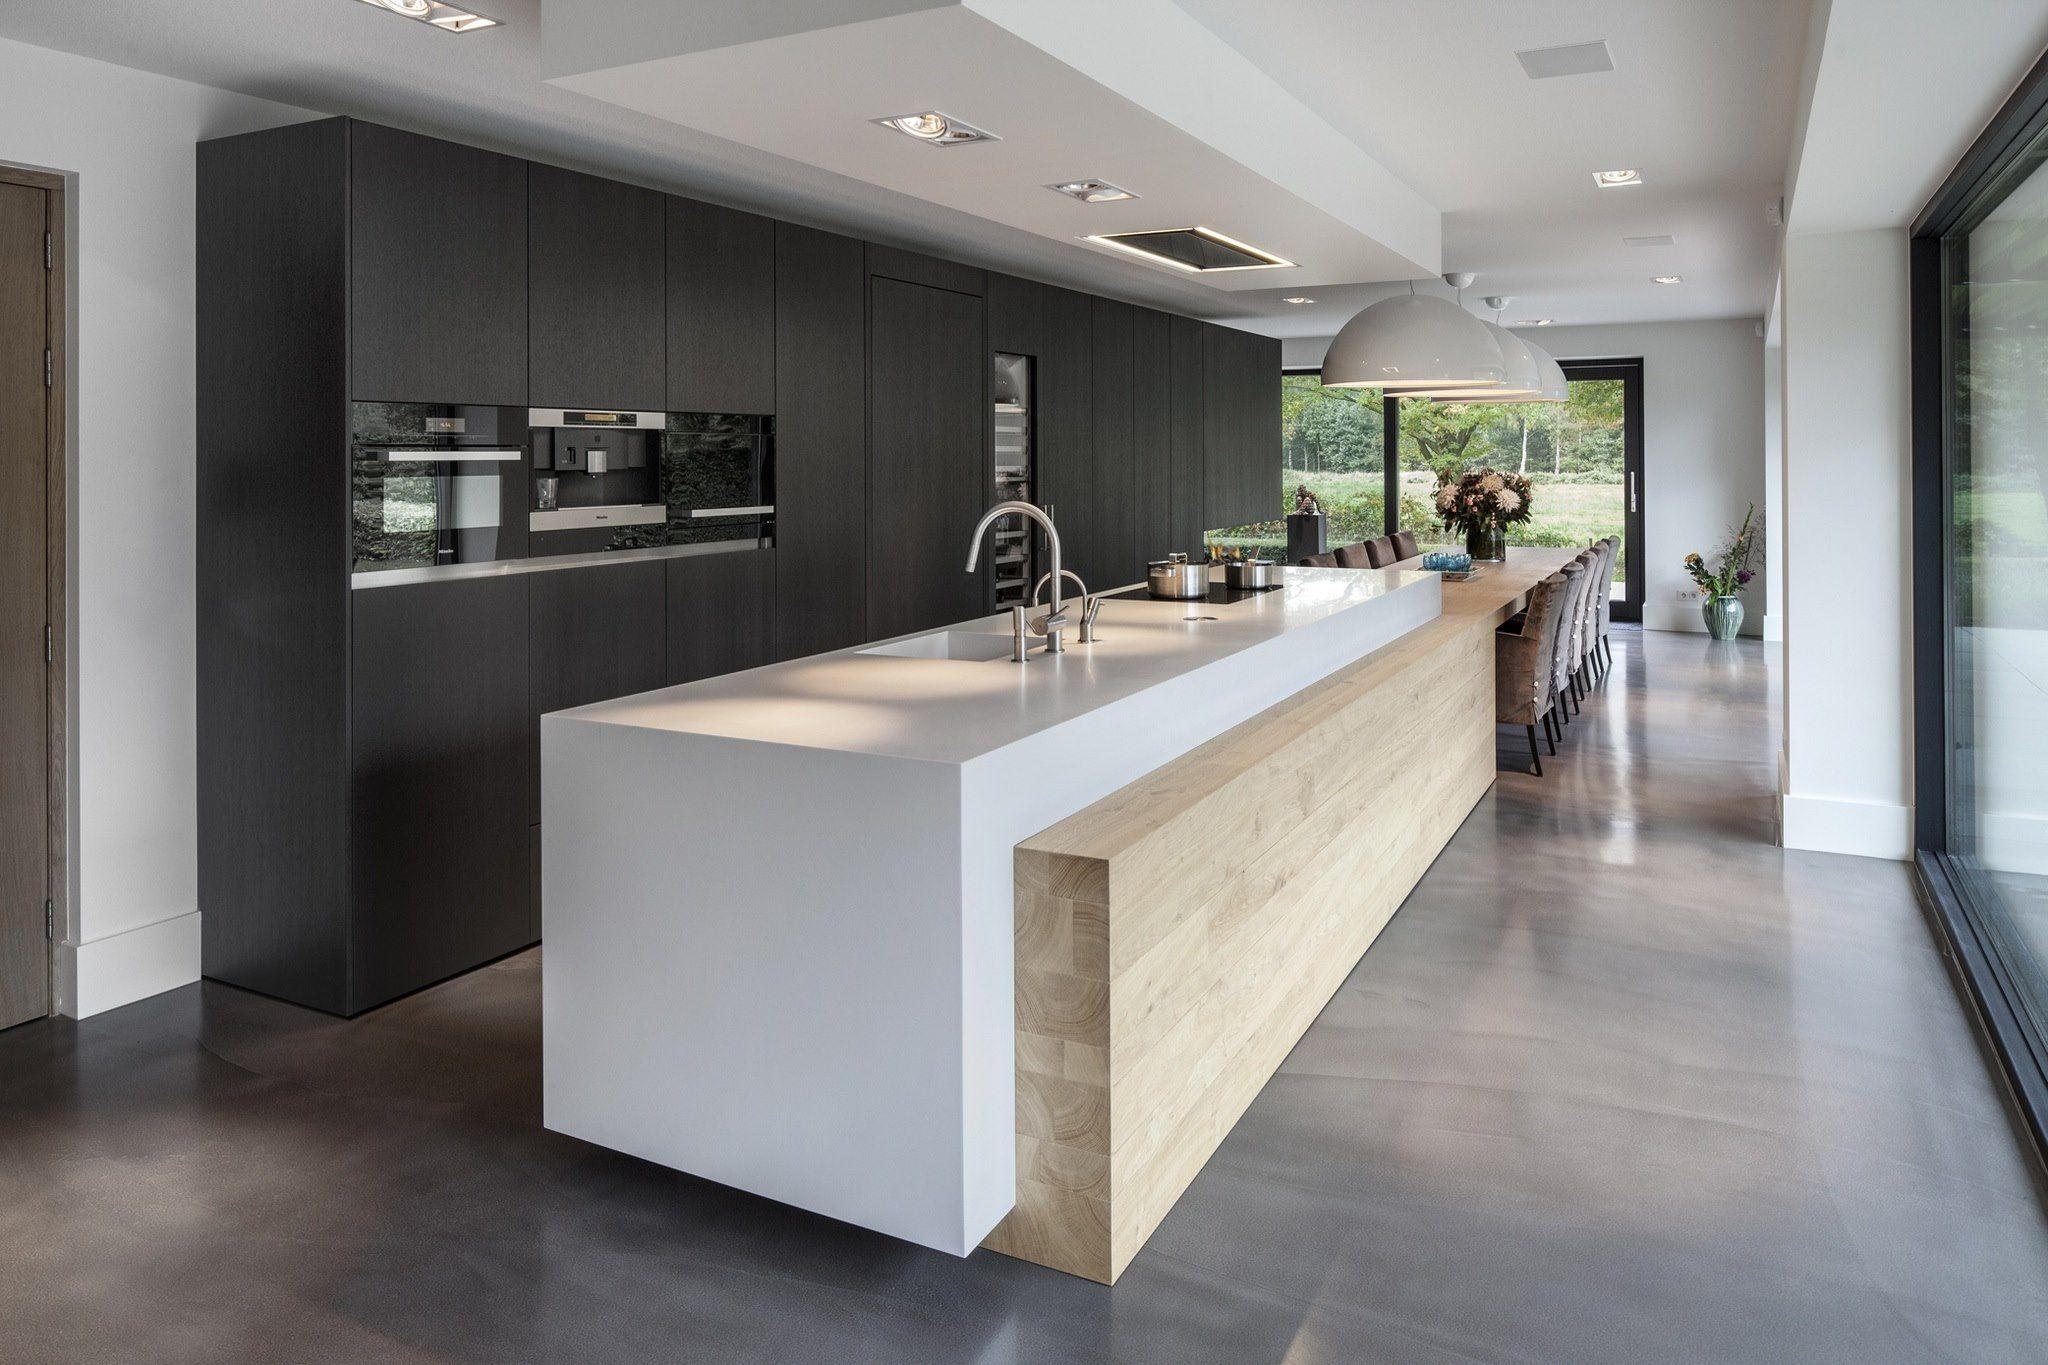 Open Concept Minimalist Kitchen  H O M E D E S I G N  Pinterest Captivating Kitchen Design Concept Inspiration